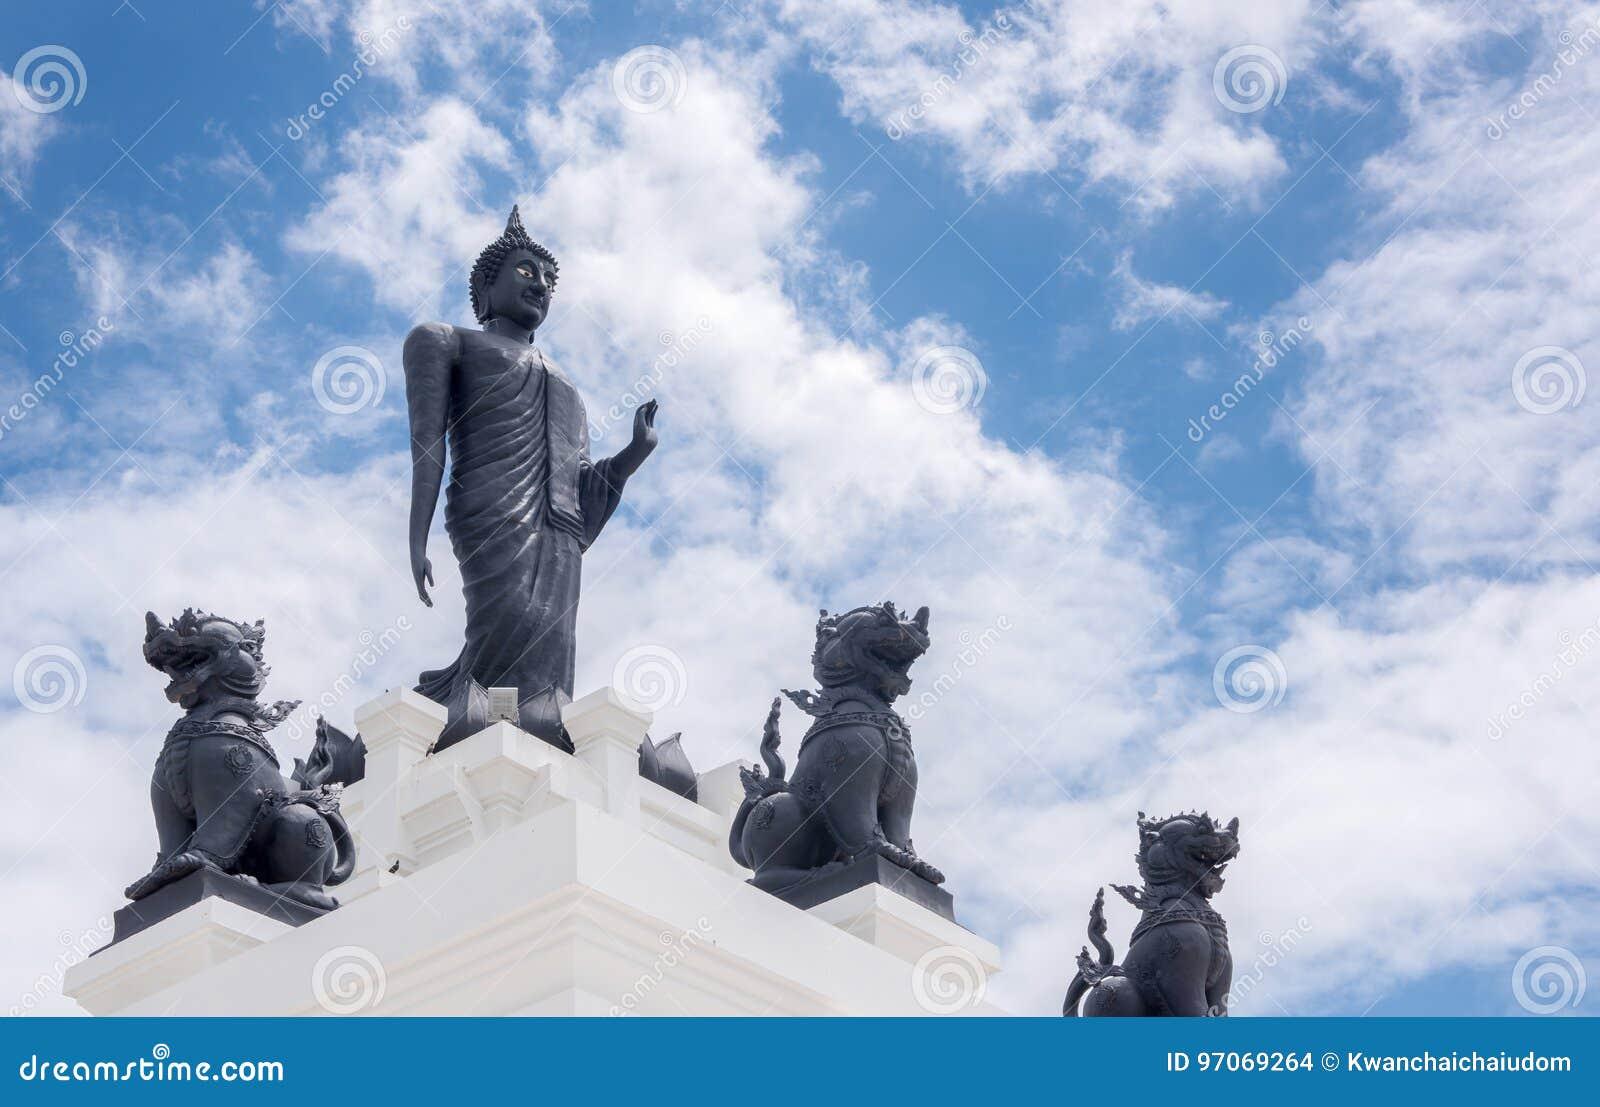 Μαύρο μεγάλο άγαλμα του Βούδα με άσπρους νεφελώδη και το μπλε ουρανό